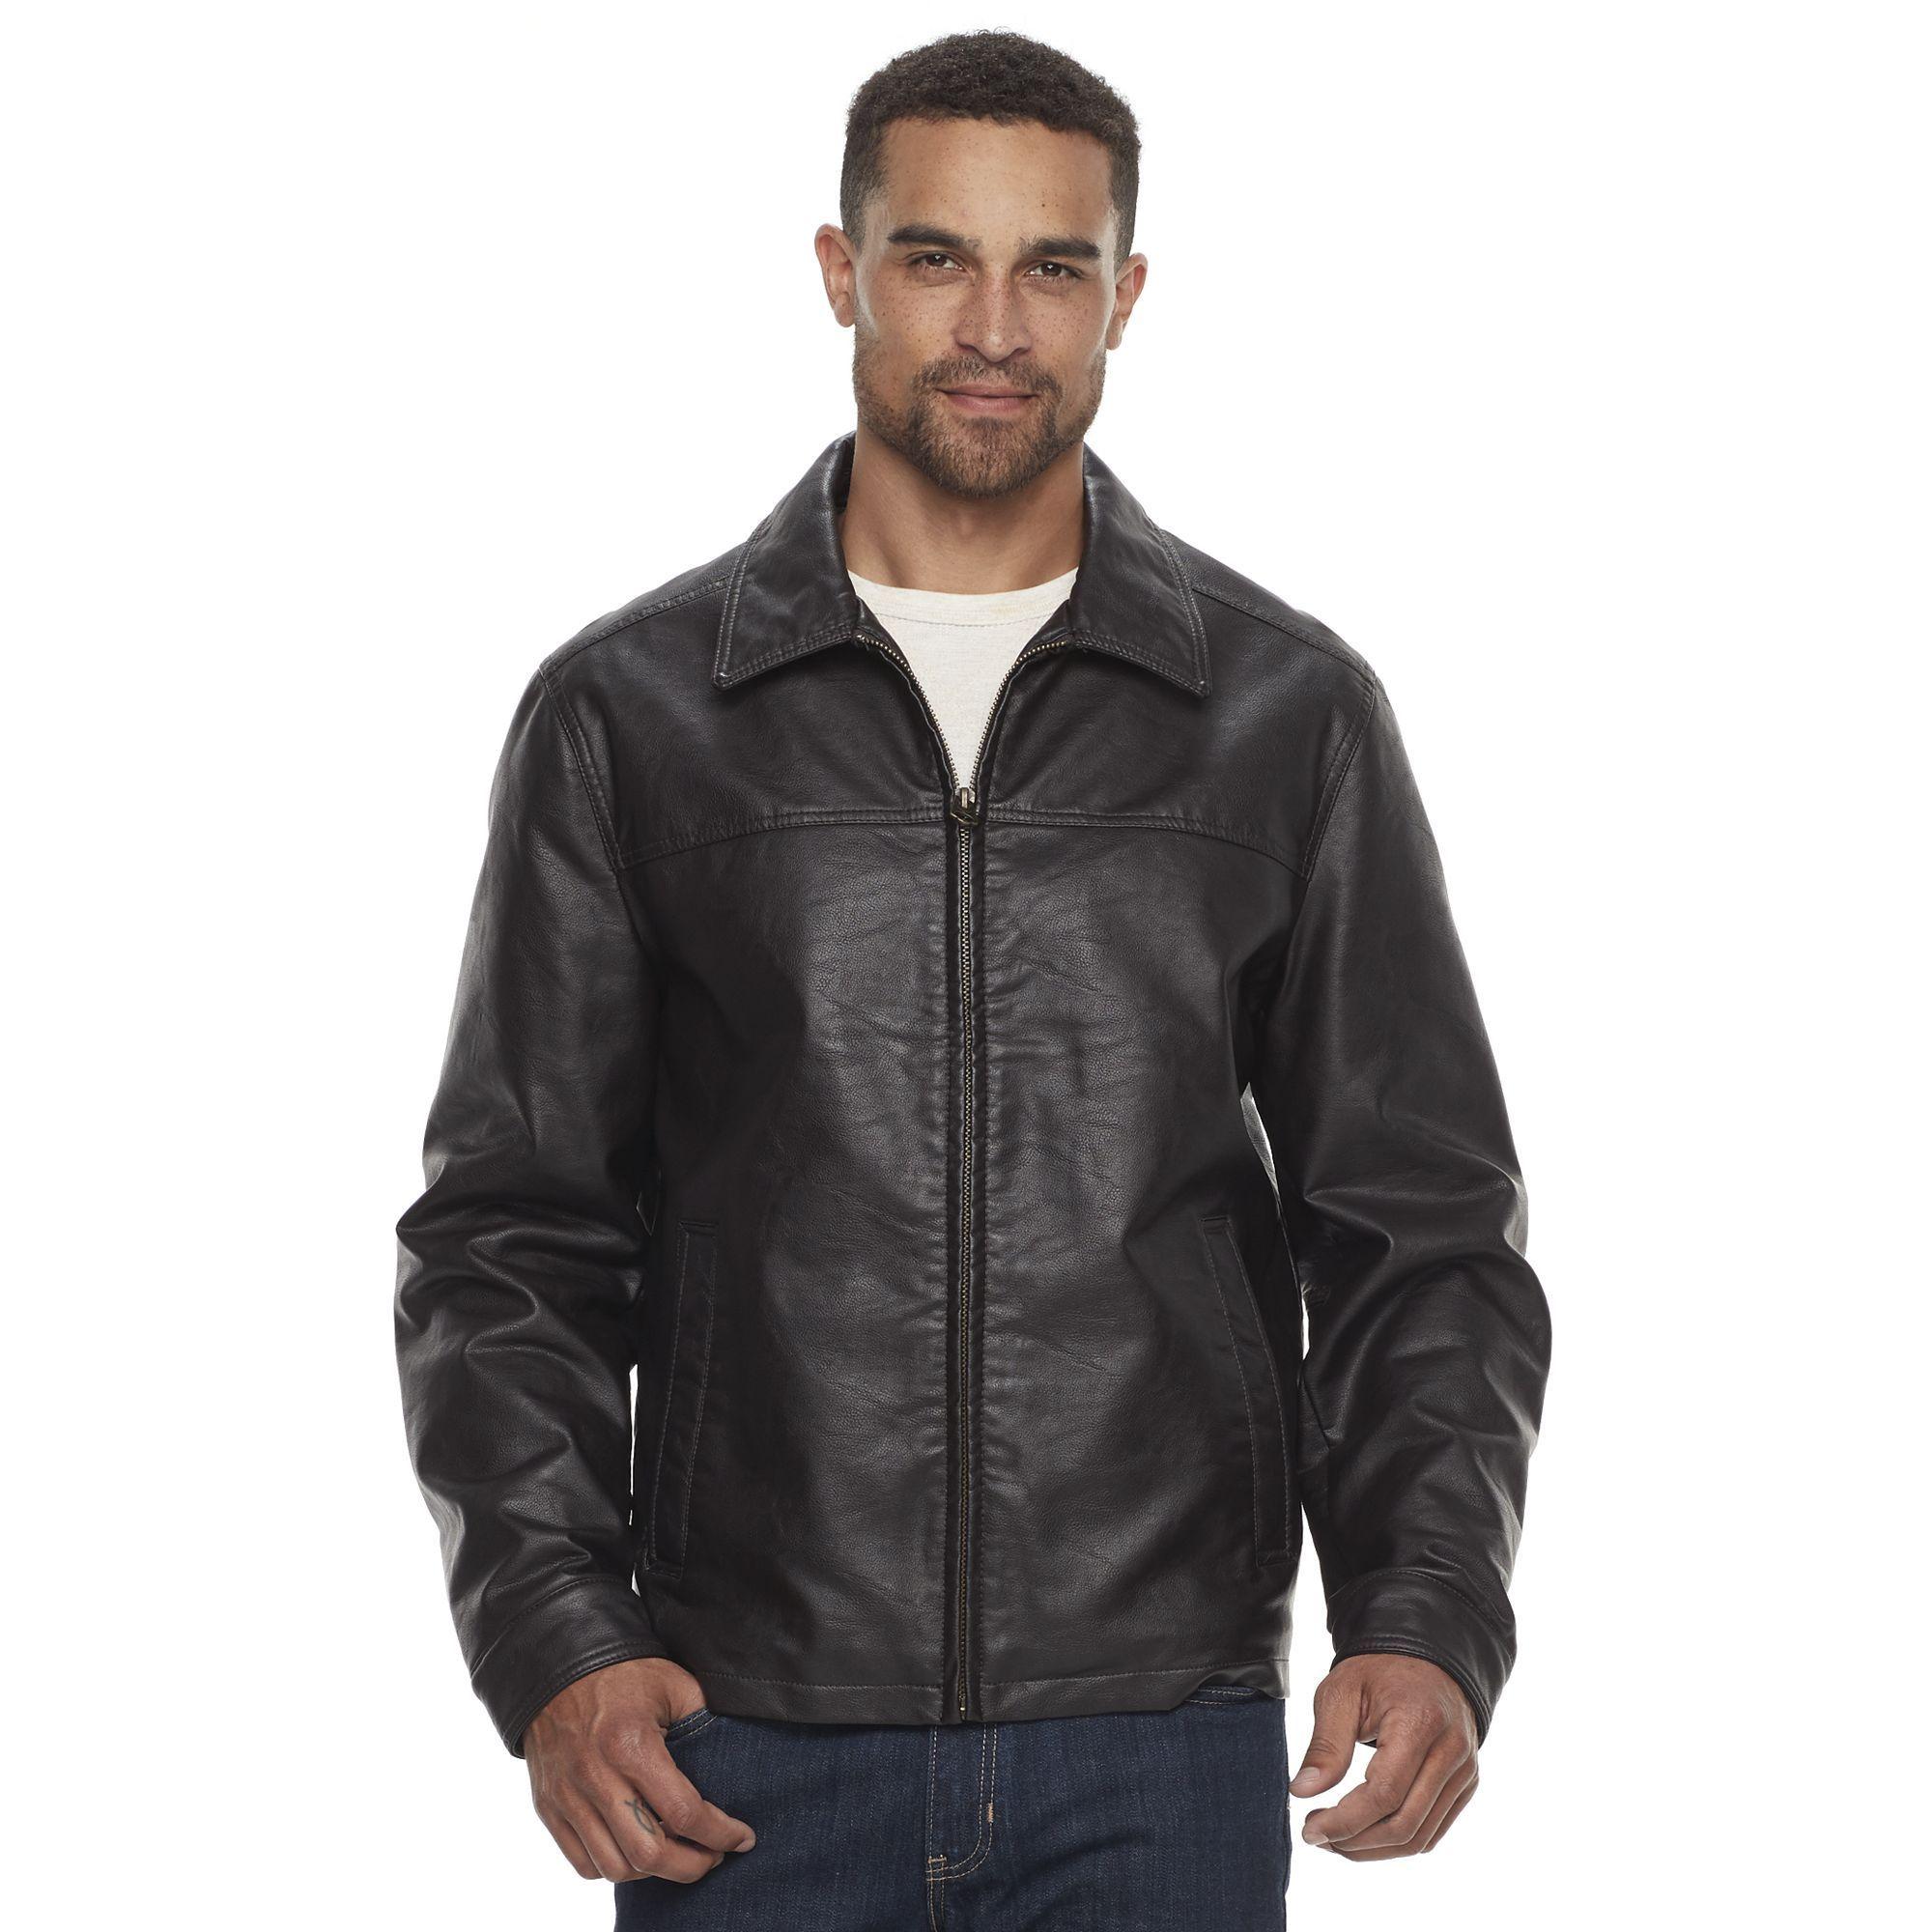 Men's Dockers FauxLeather Jacket Jackets, Faux leather